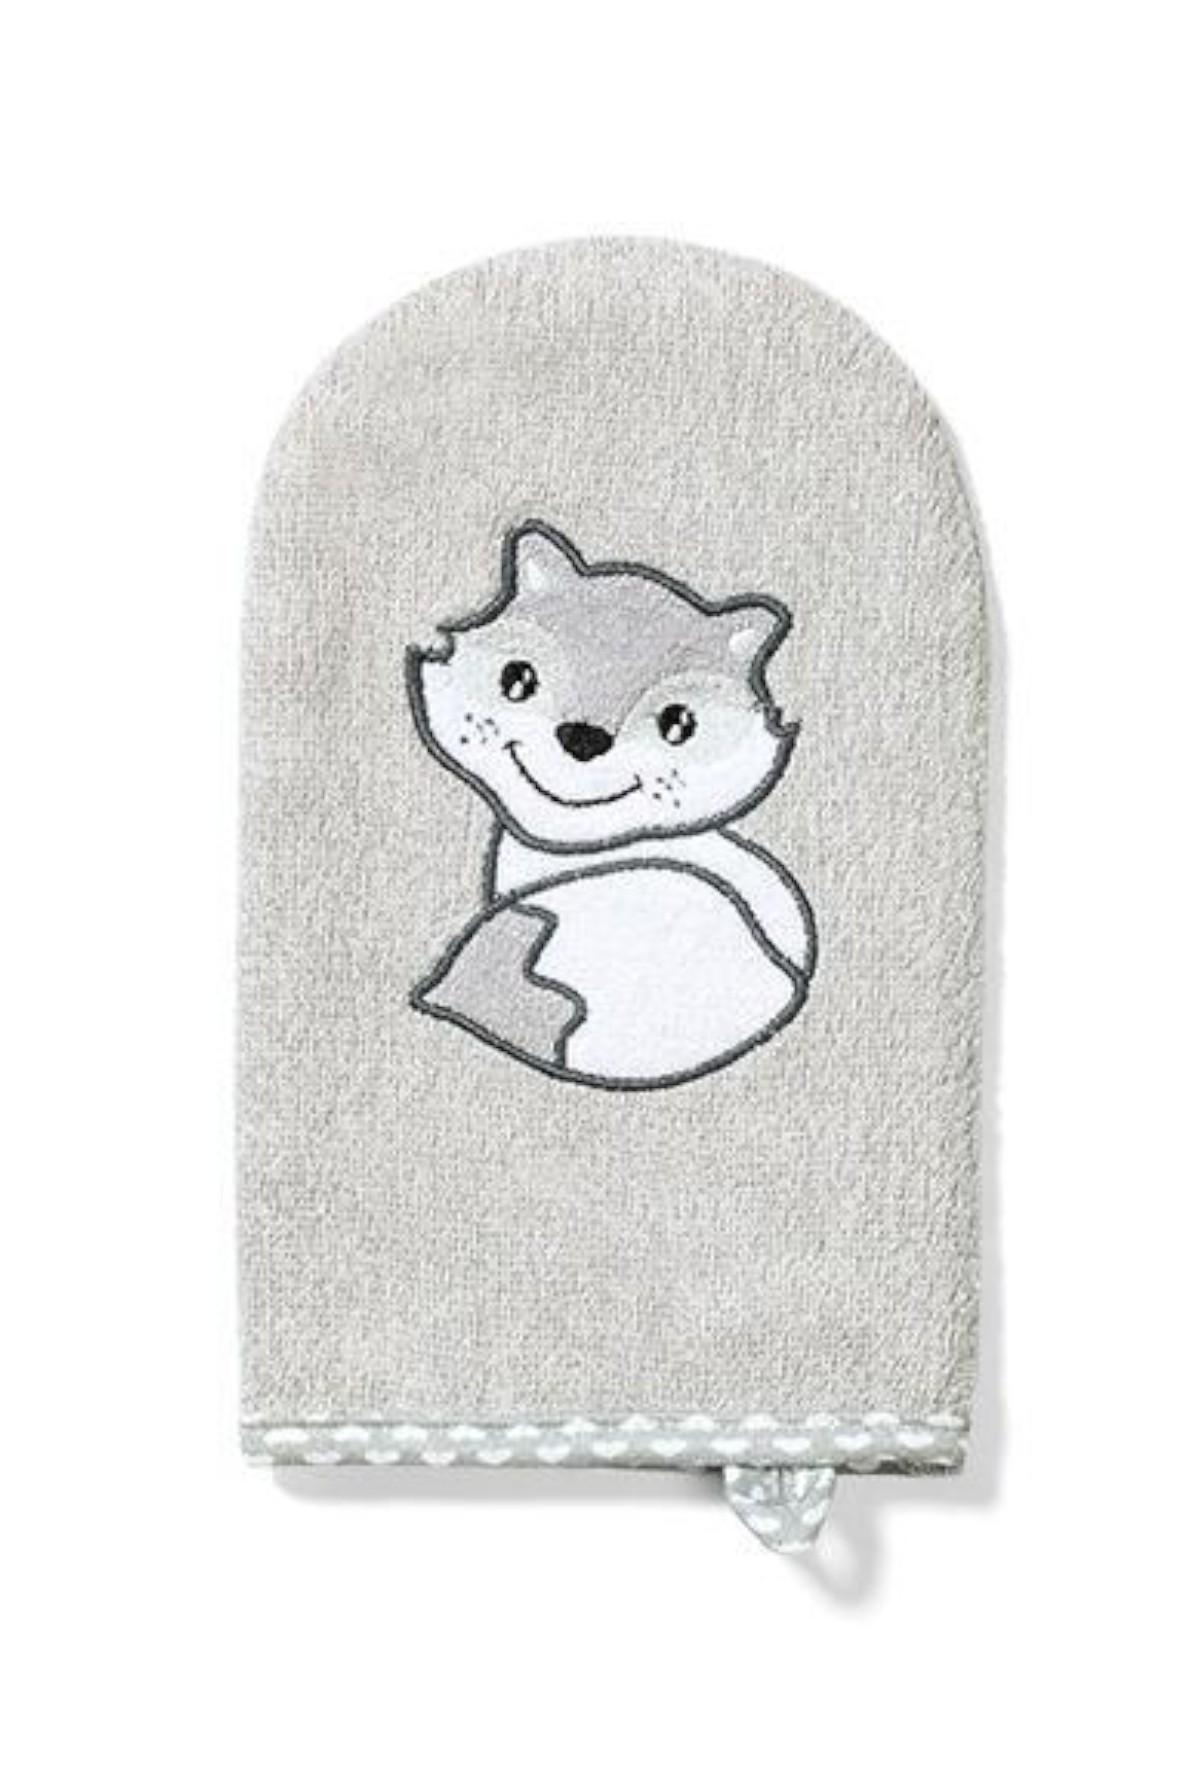 Myjka do kąpieli bambusowa dla dzieci i niemowląt- szara lisek